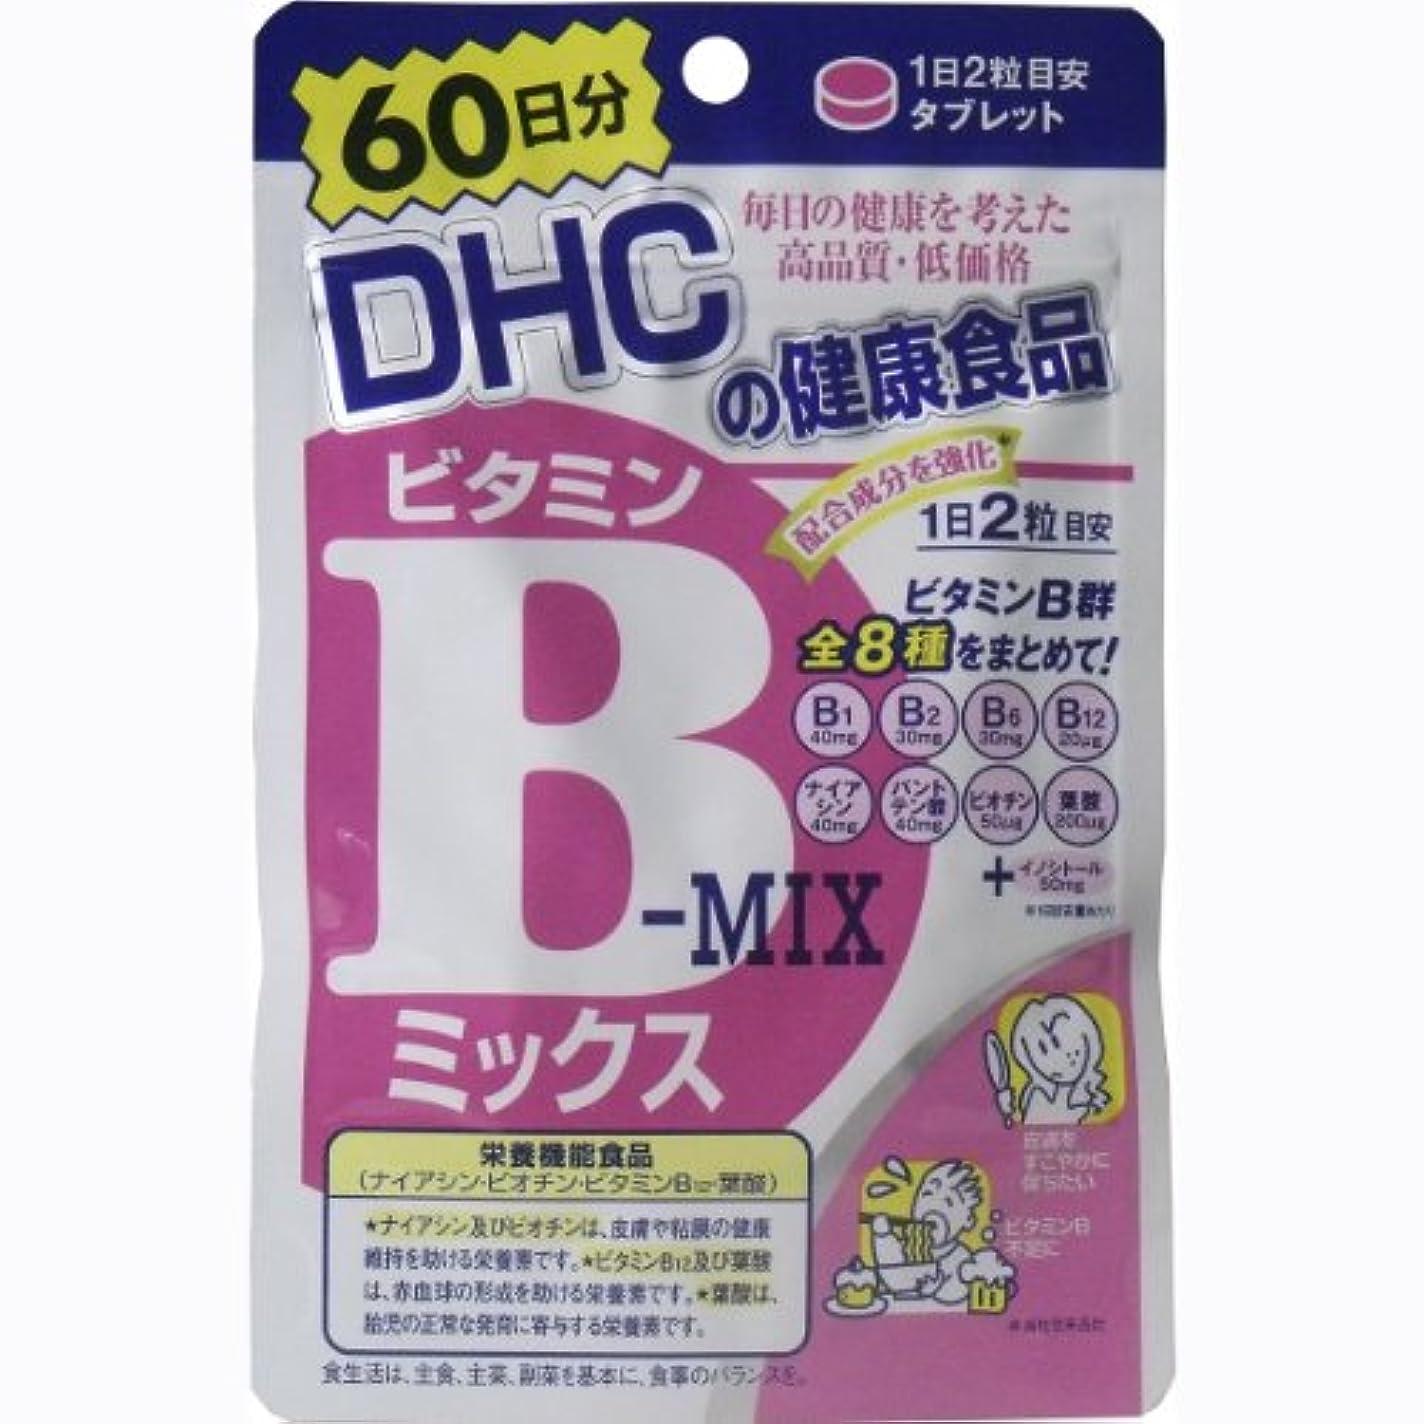 受け入れる没頭する独占DHC ビタミンBミックス 60日分 120粒 ×6個セット